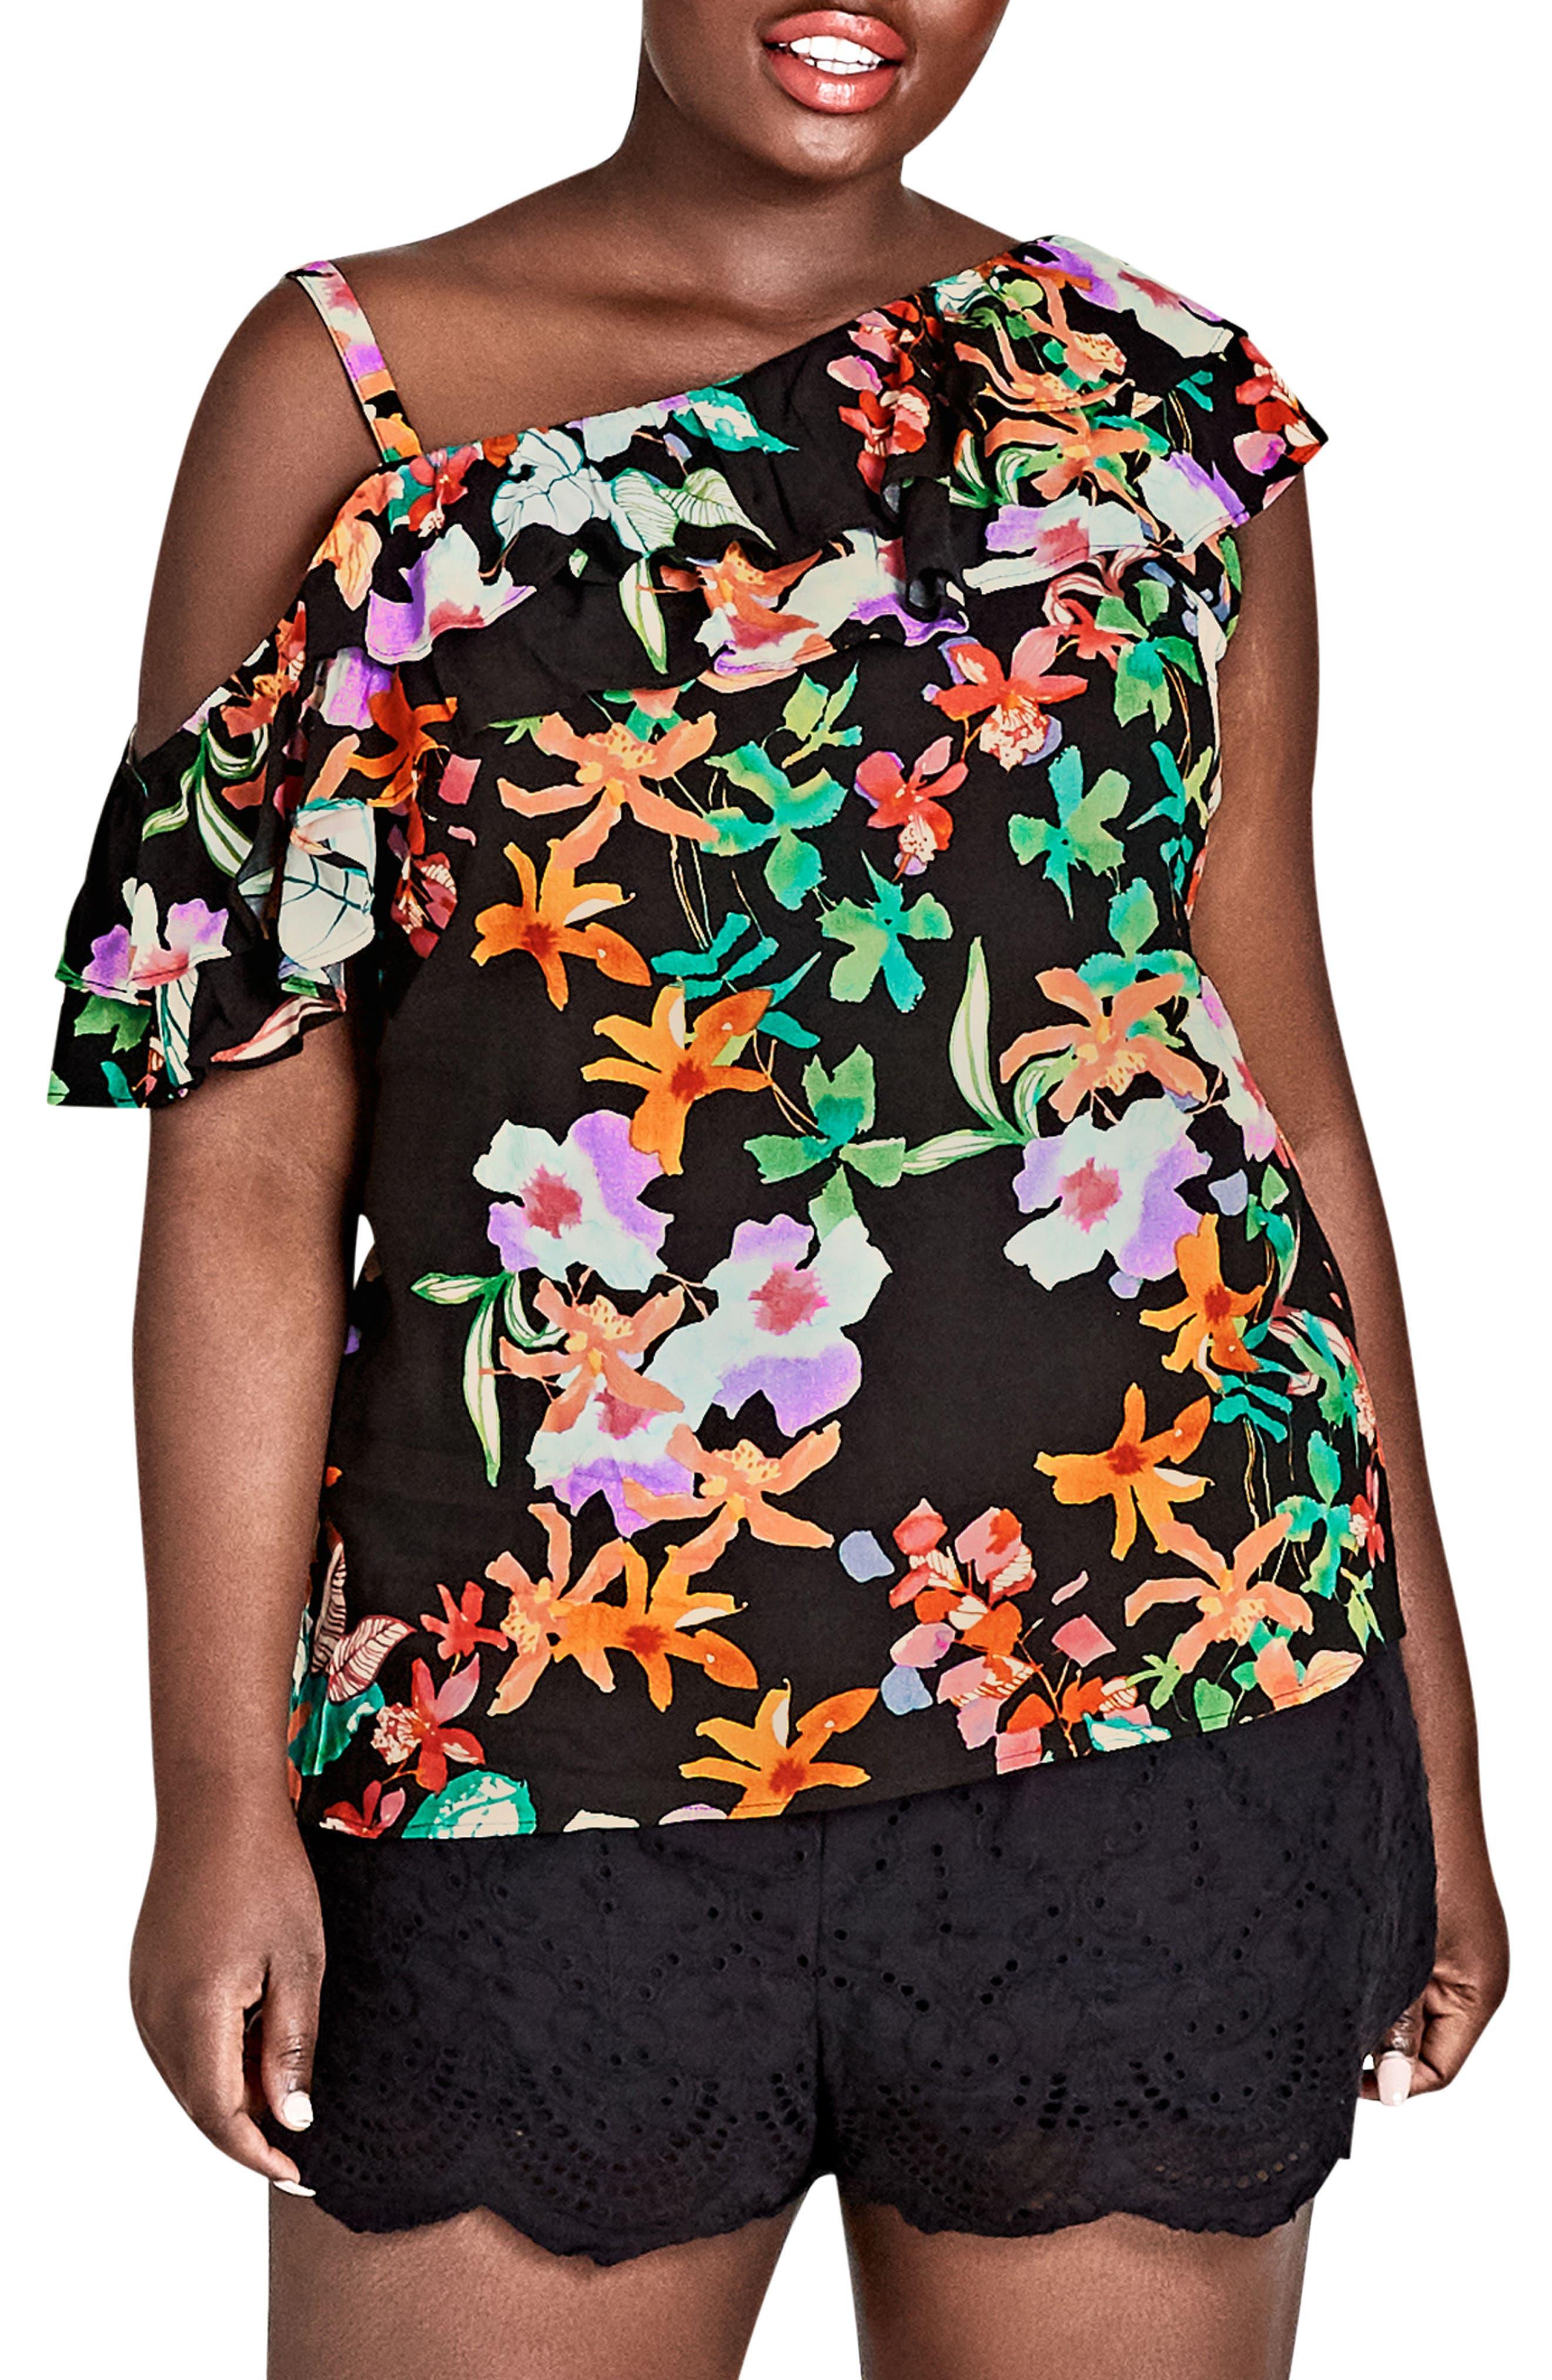 Molokai Floral Top,                             Alternate thumbnail 3, color,                             MOLOKAI FLORAL